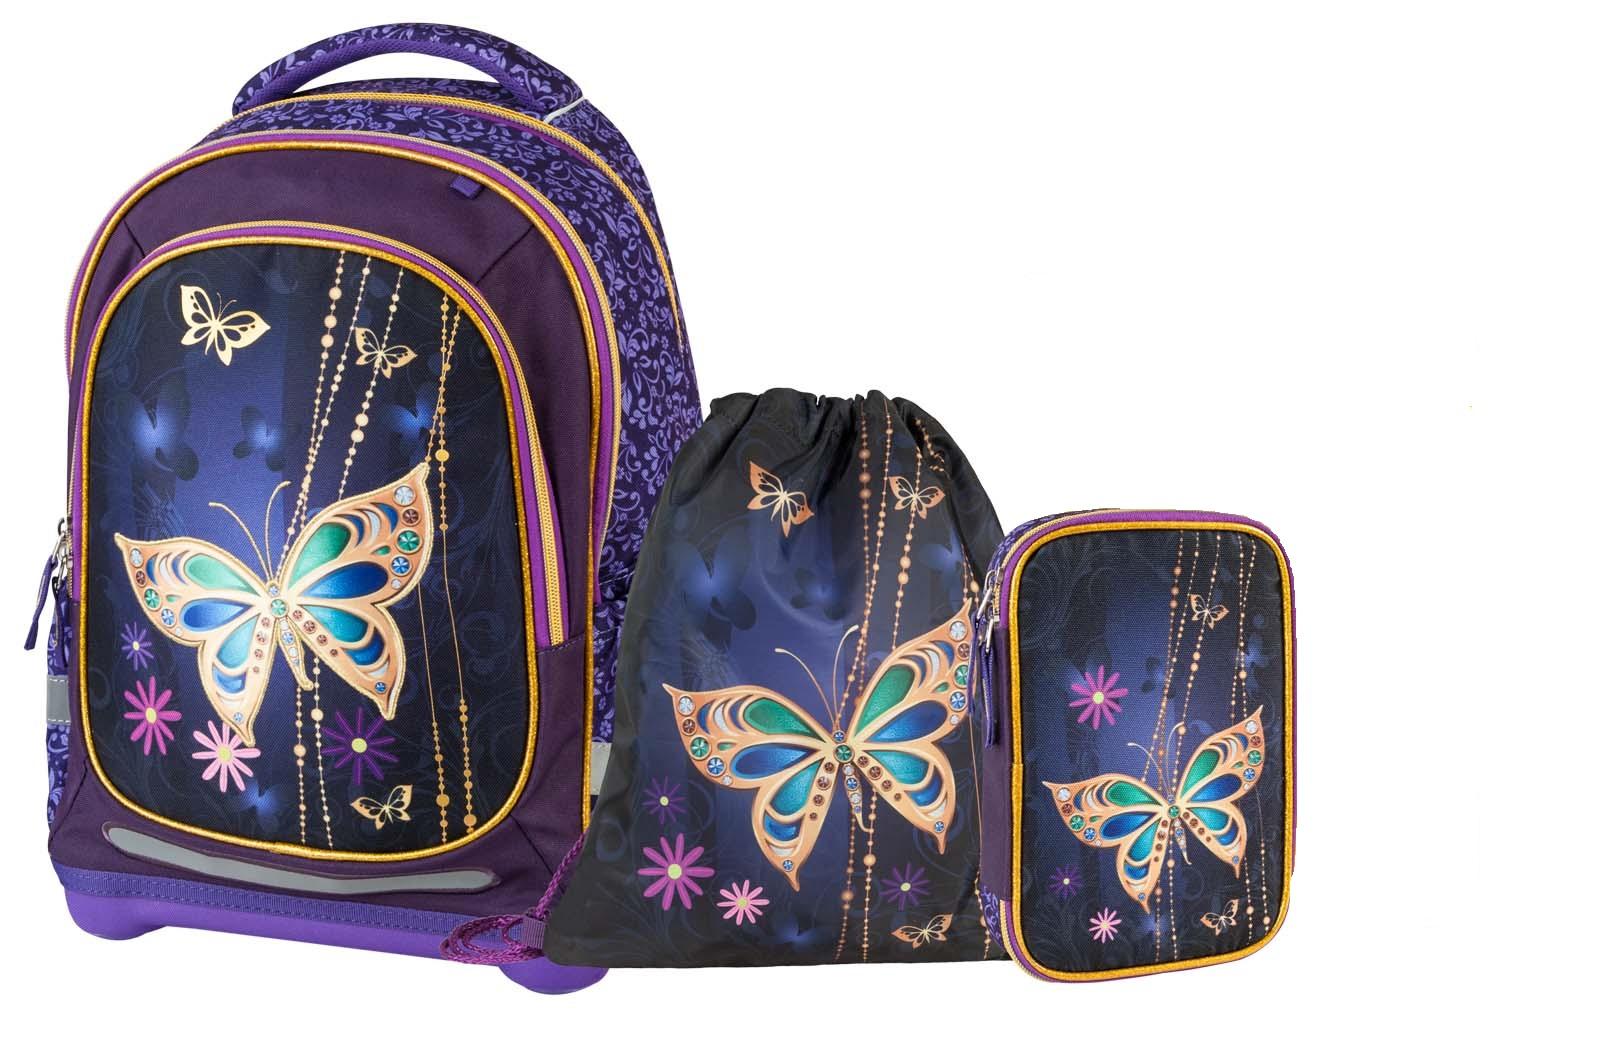 Купить Рюкзак детский Target супер легкий Золотая бабочка 3 в 1,